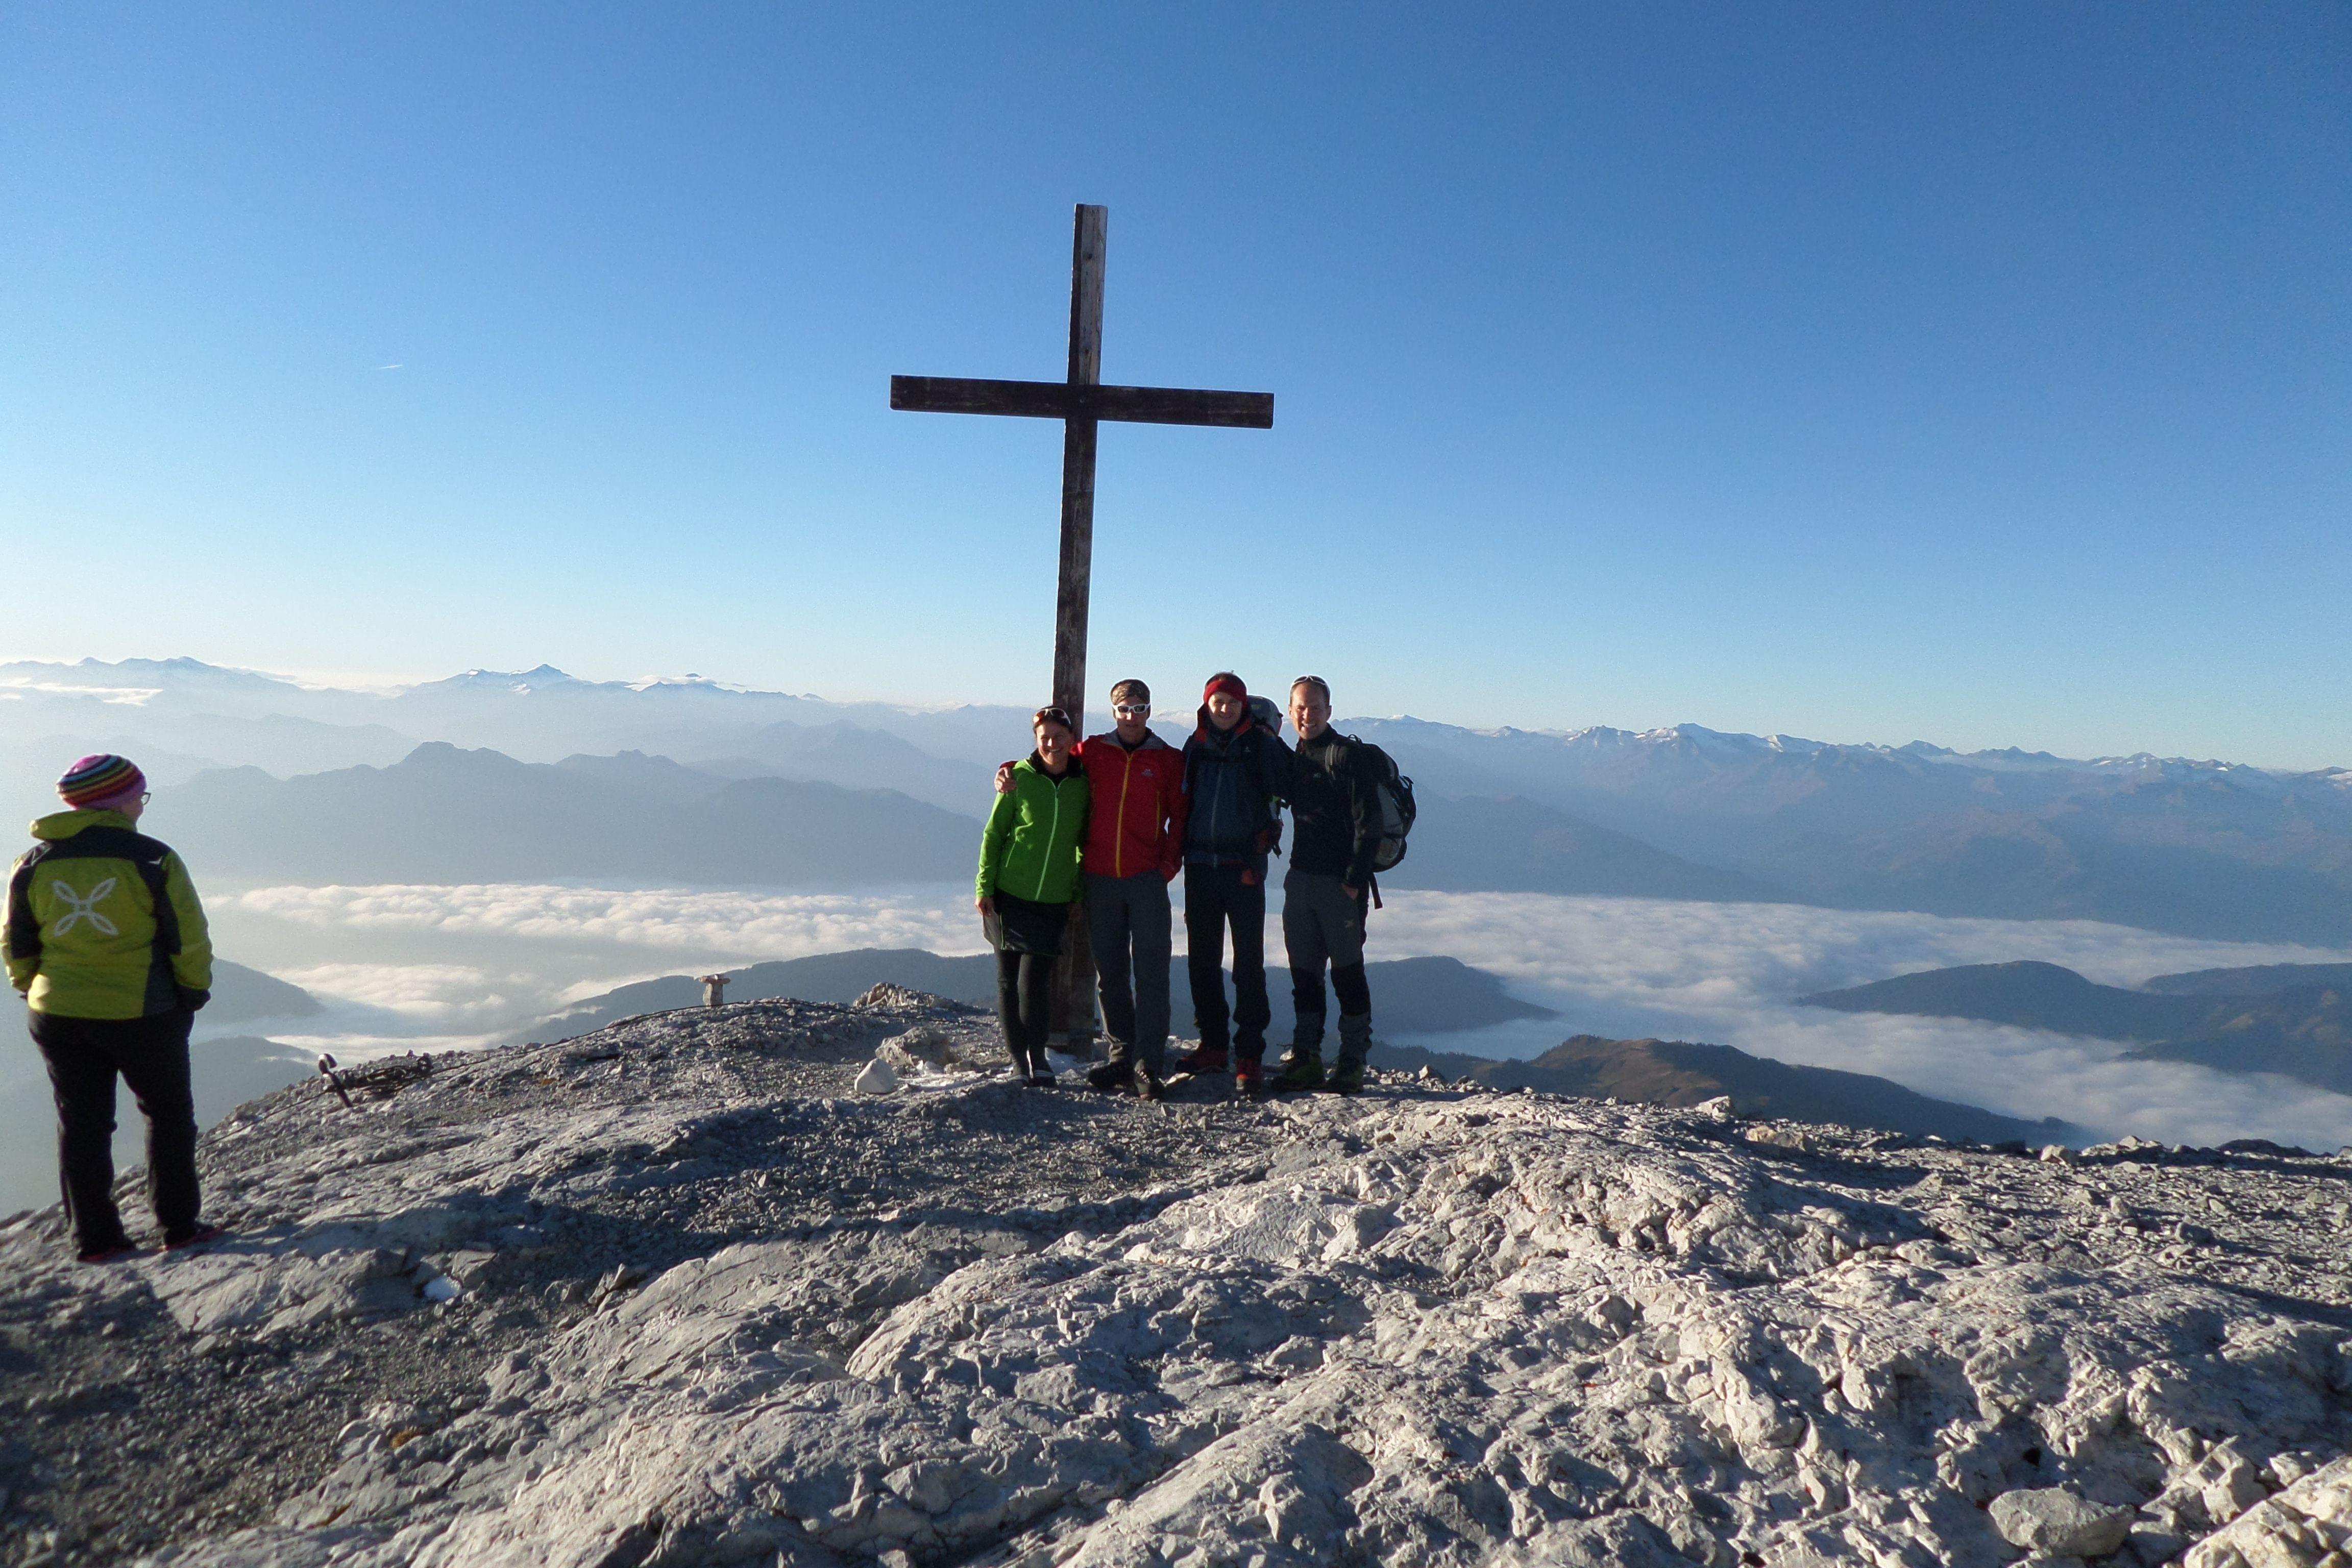 Klettersteig Hochkönig : Das #bergsport ausrüster team beim fotoshooting am gipfelkreuz